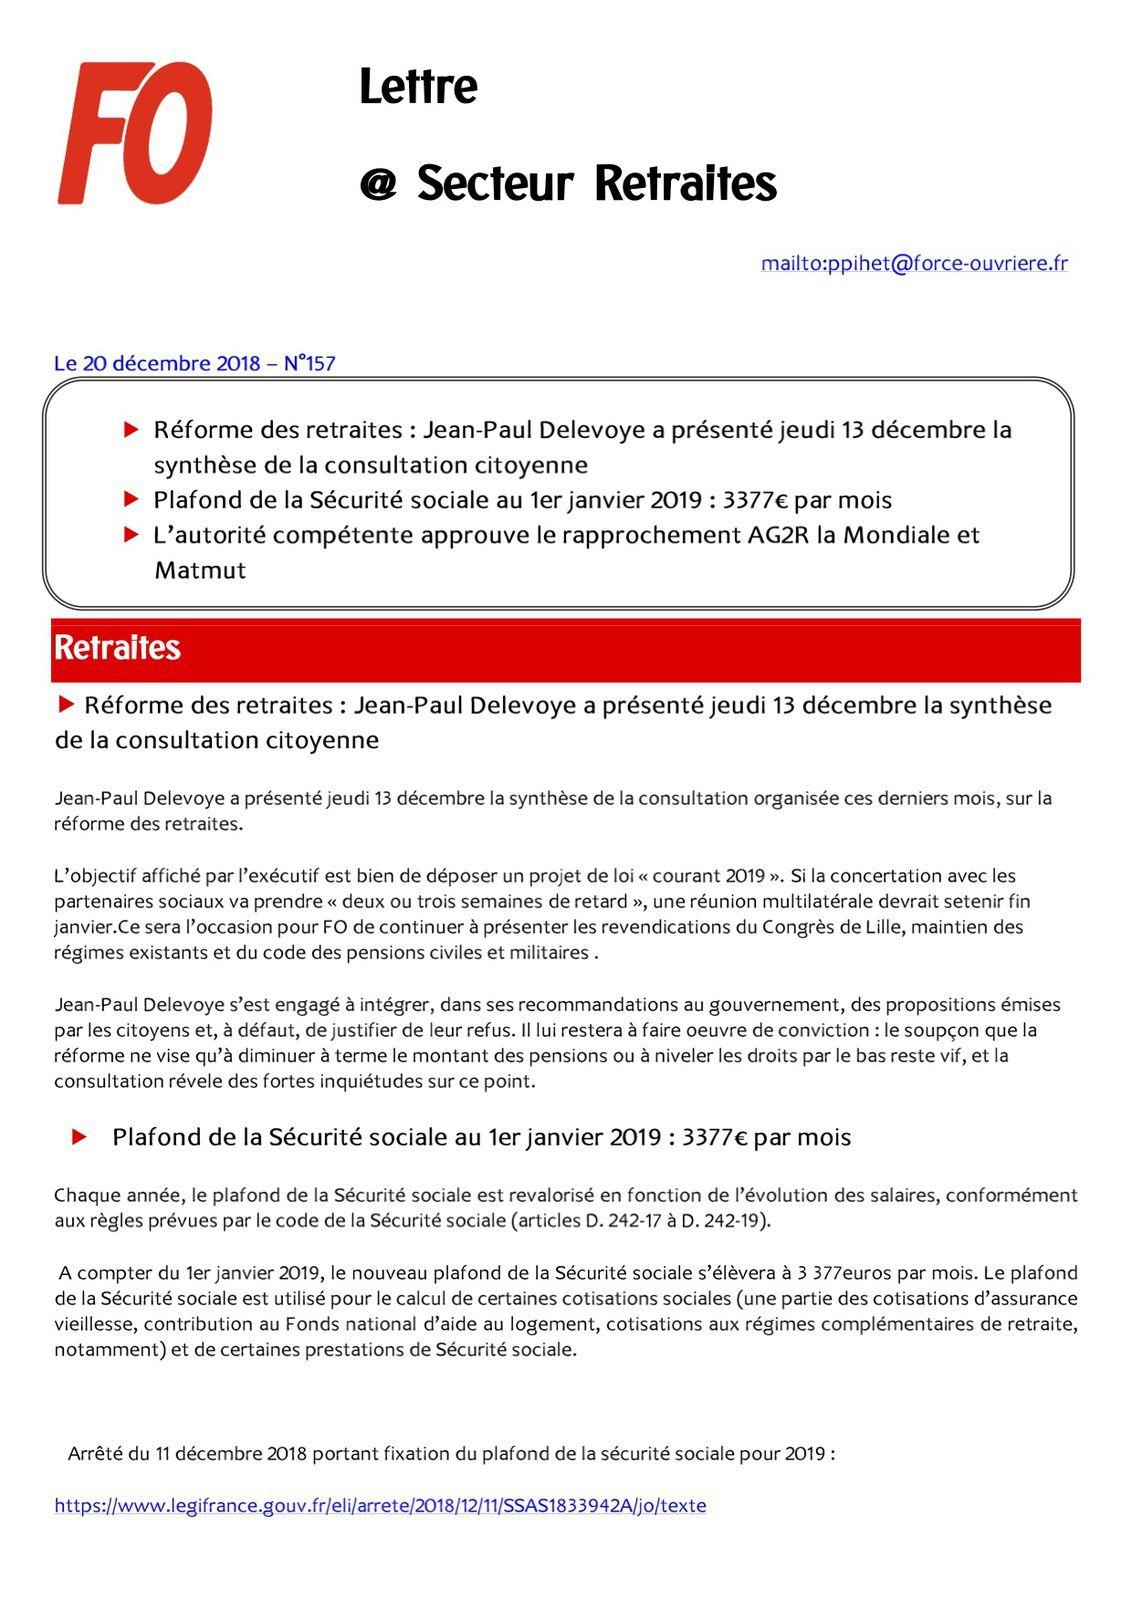 Plafond De La Securite Sociale Au 1er Janvier 2019 3 377 Par Mois